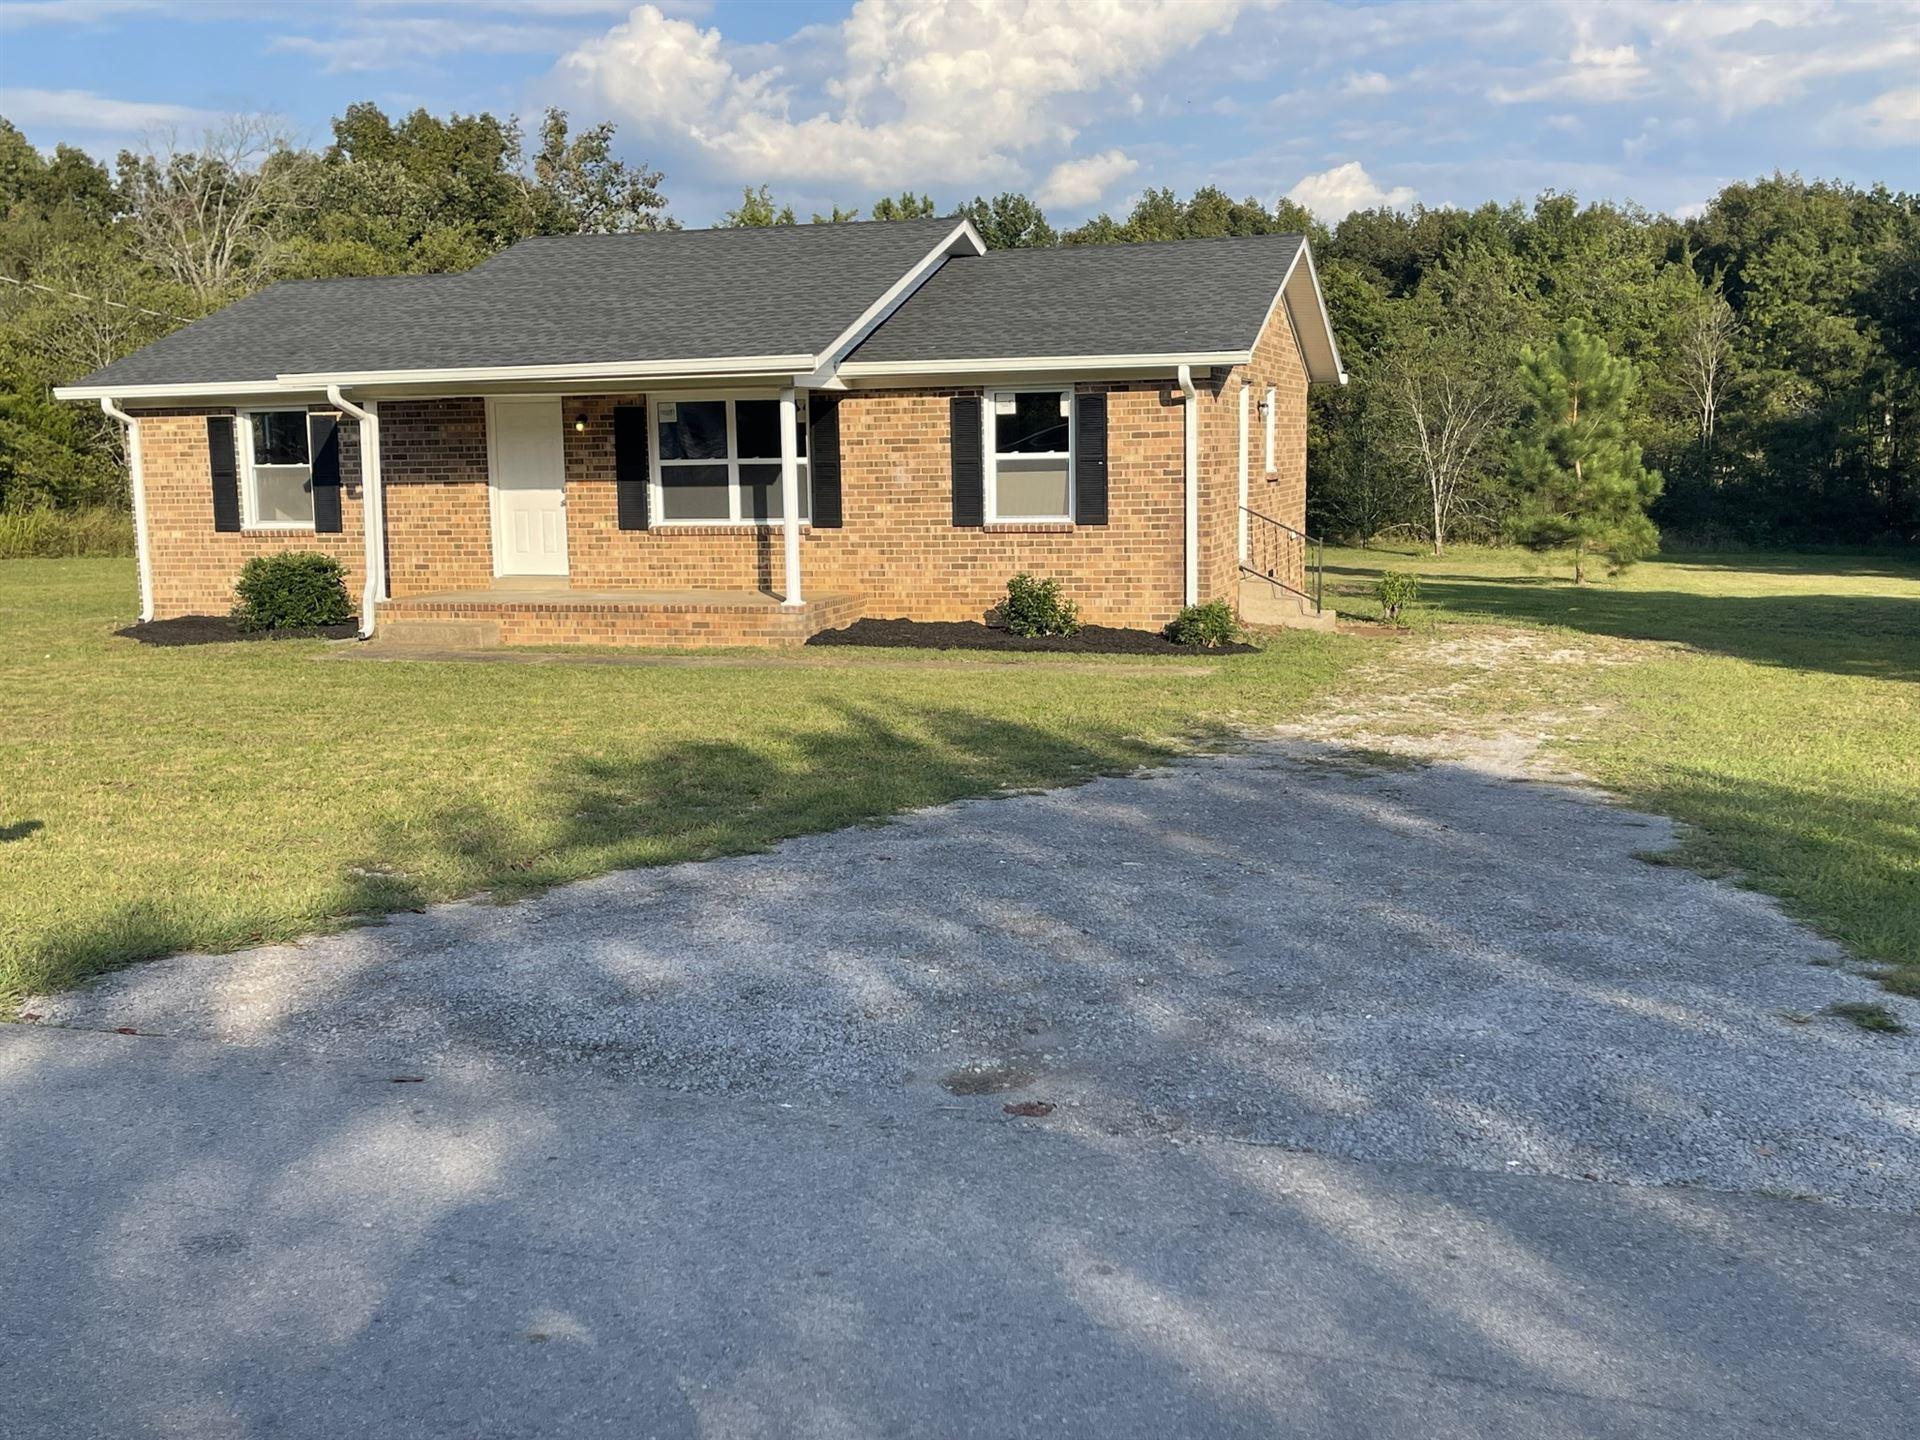 Photo of 816 Phillips Faith Chapel Chur, Murfreesboro, TN 37130 (MLS # 2299020)